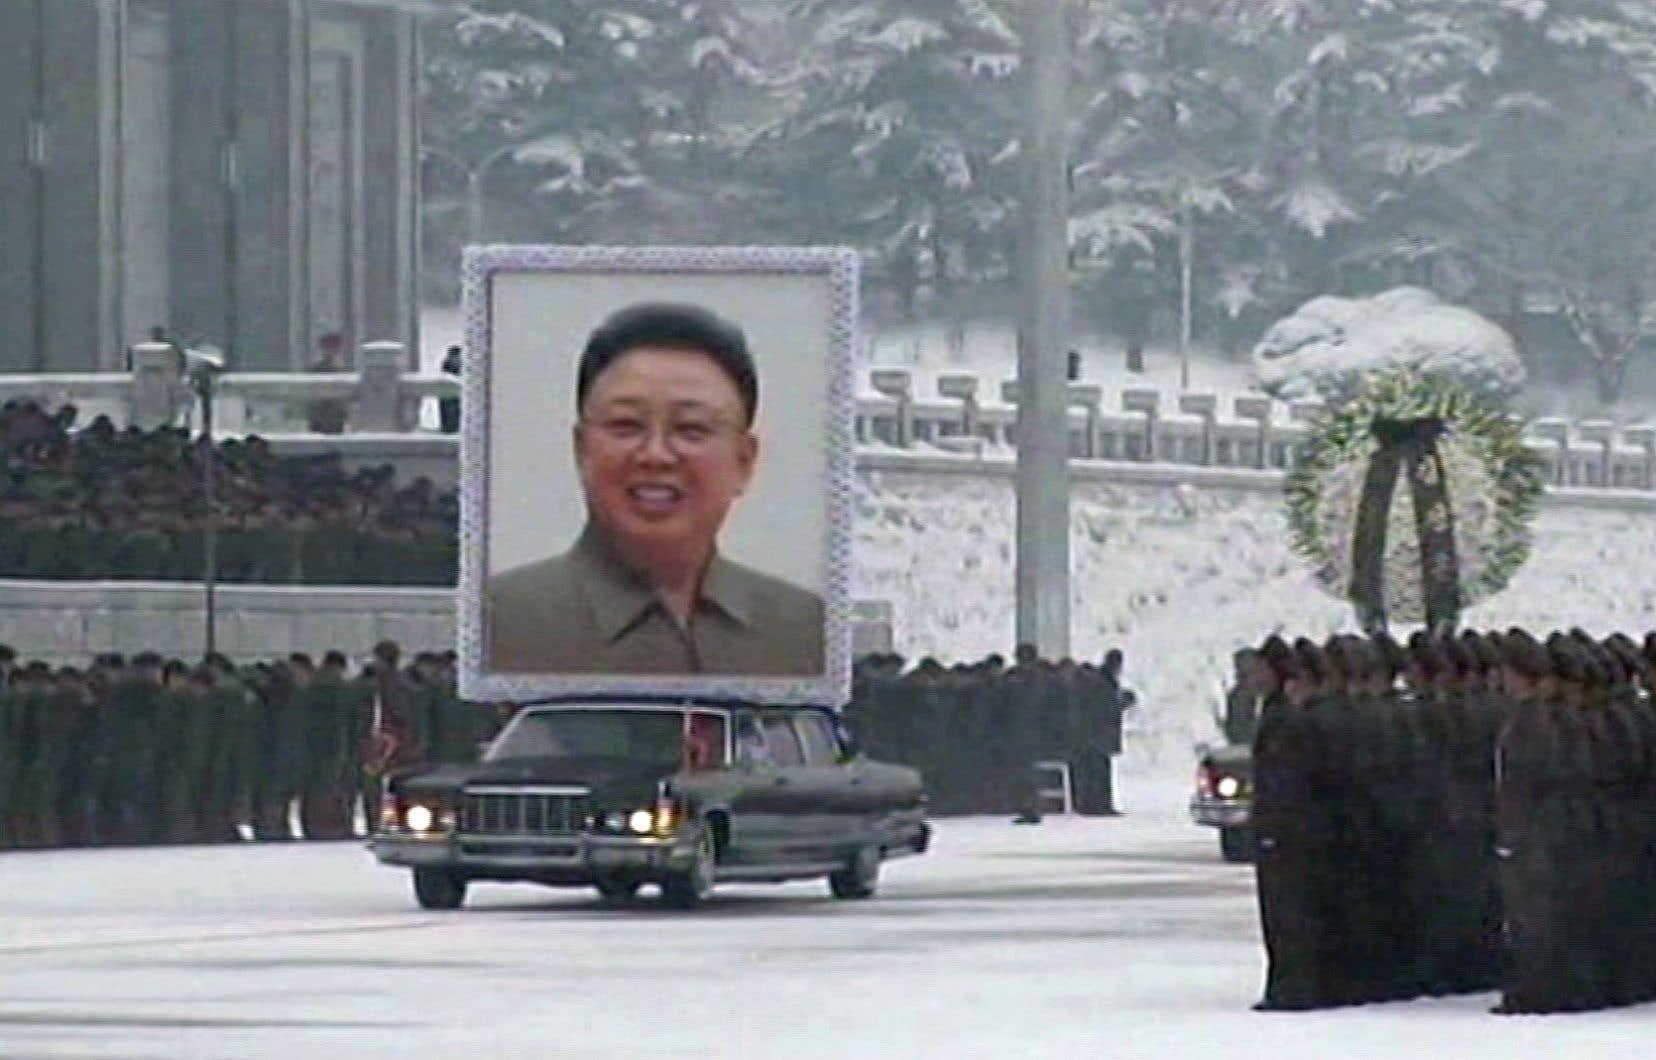 Il règne autour des dictateurs un «sentiment d'éternité» qui va parfois jusqu'à la «négation de la mort».